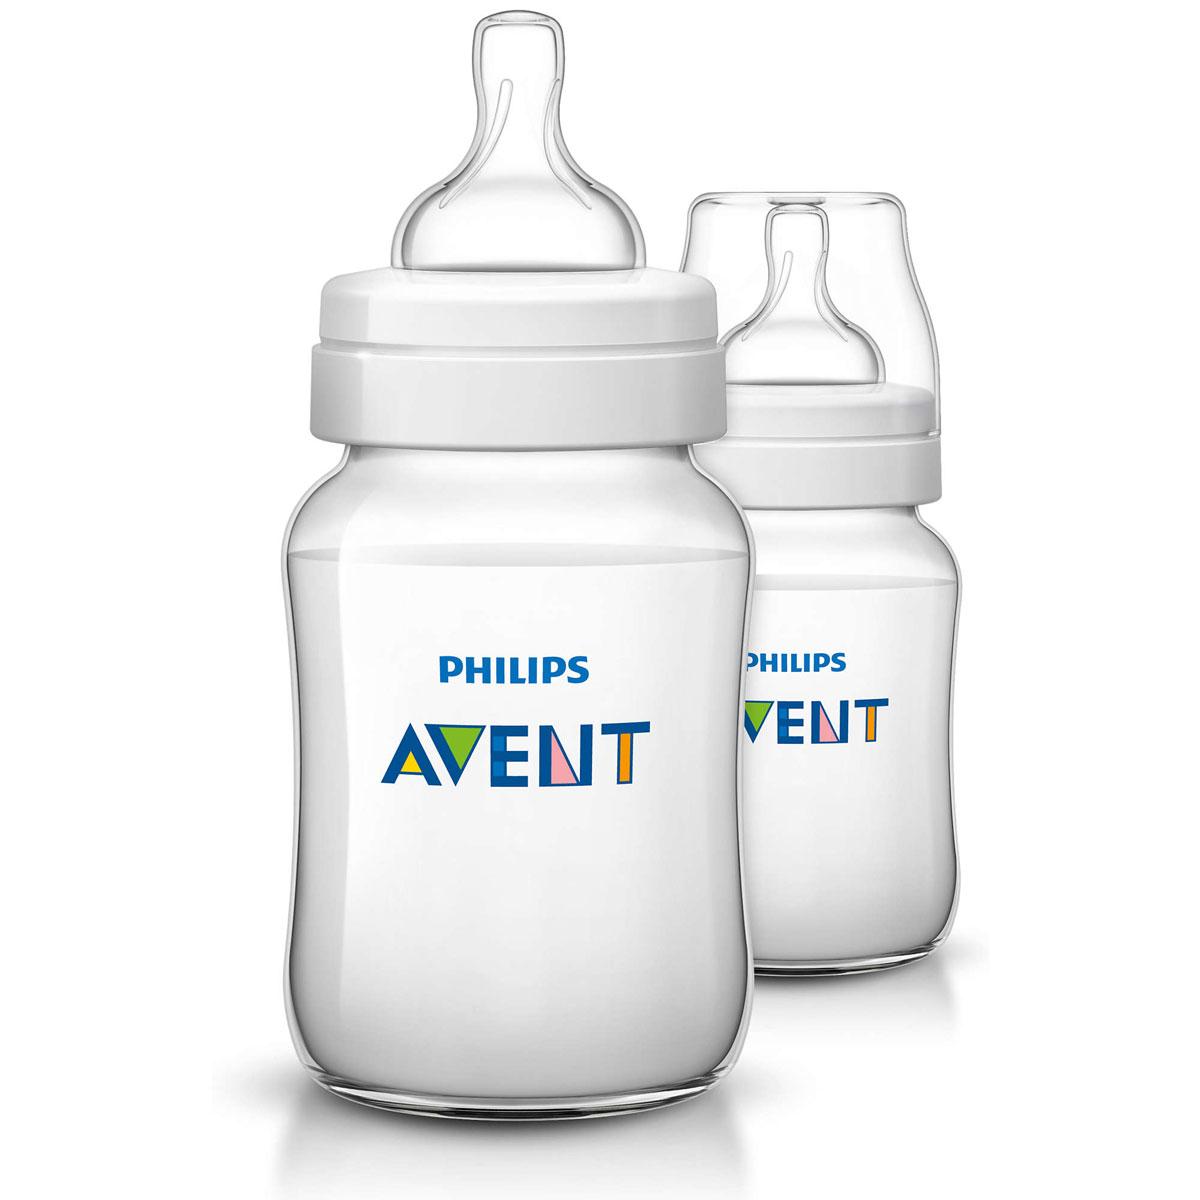 Philips Avent Бутылочка 260 мл, 2 шт. Соска с медленным потоком для детей от 1 месяца SCF563/27